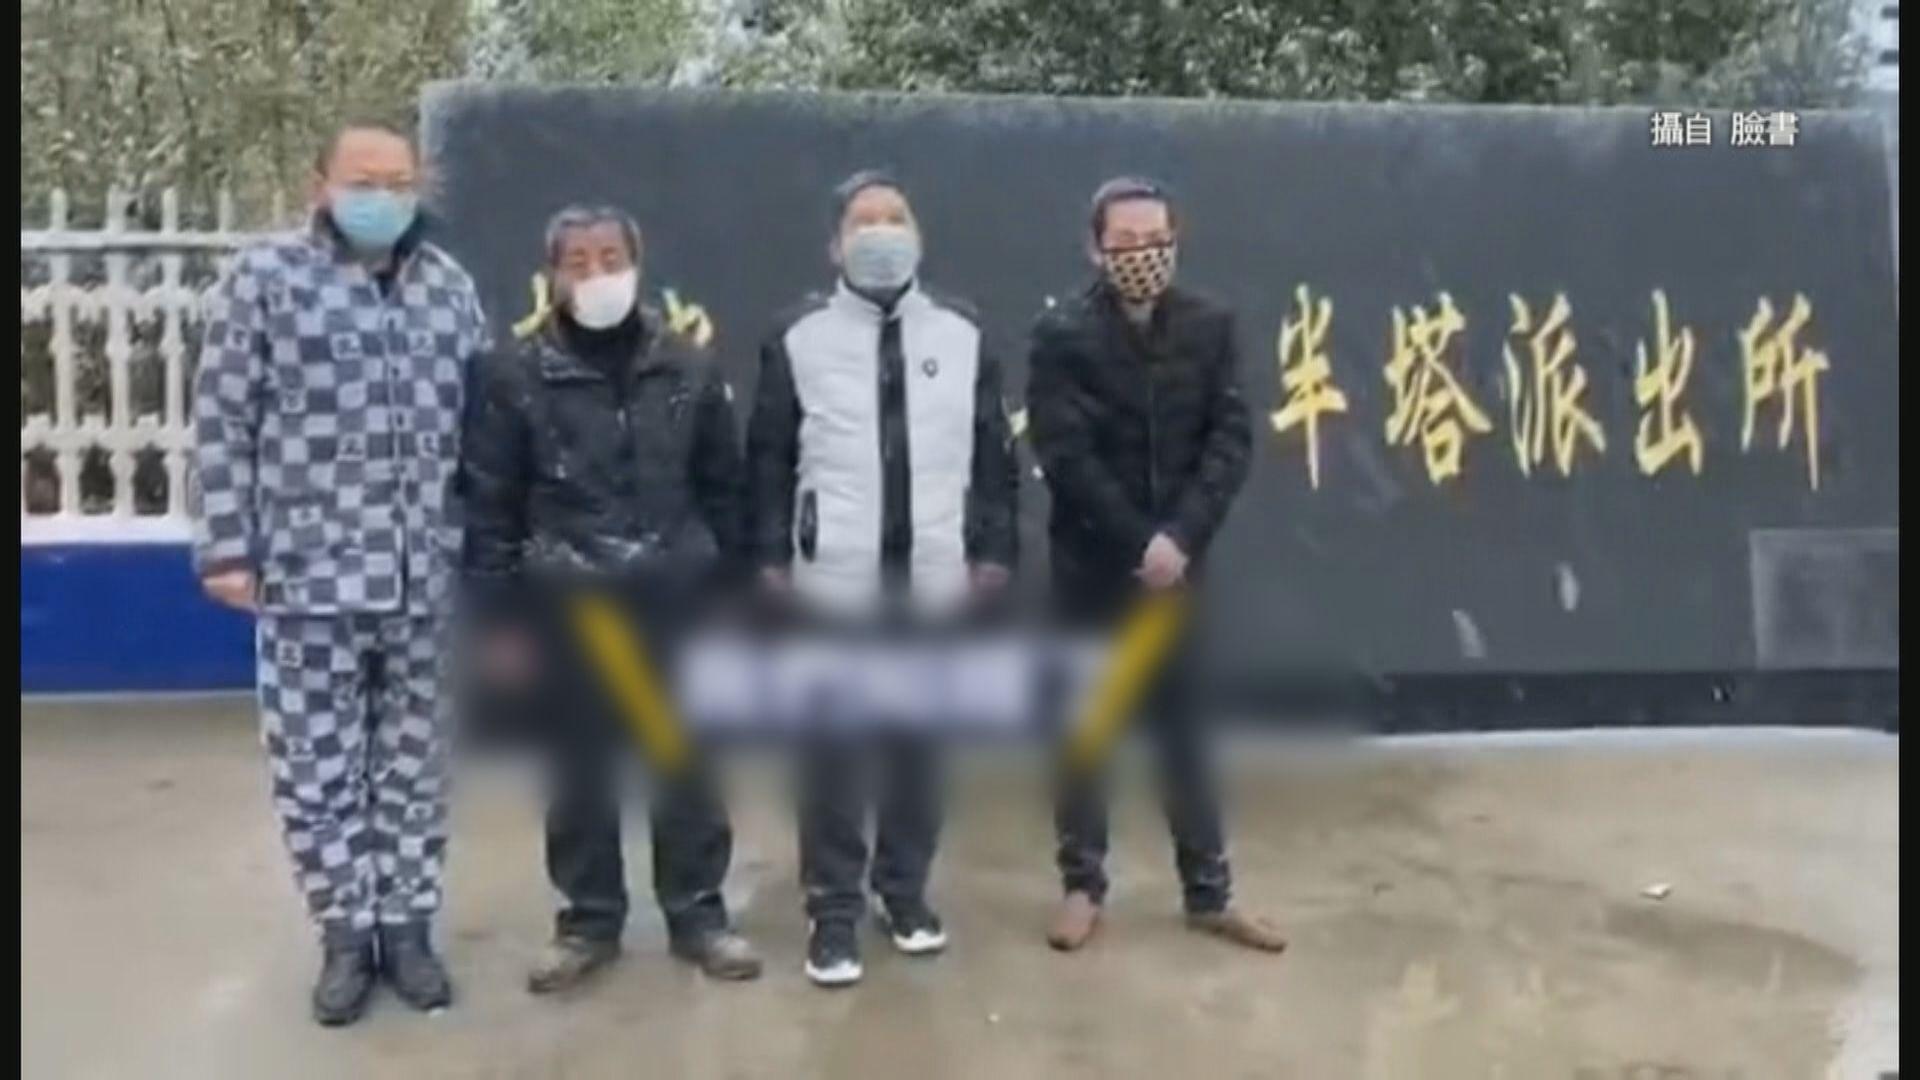 武漢有街頭廣播聲討不守規者 違規人士要當眾悔過